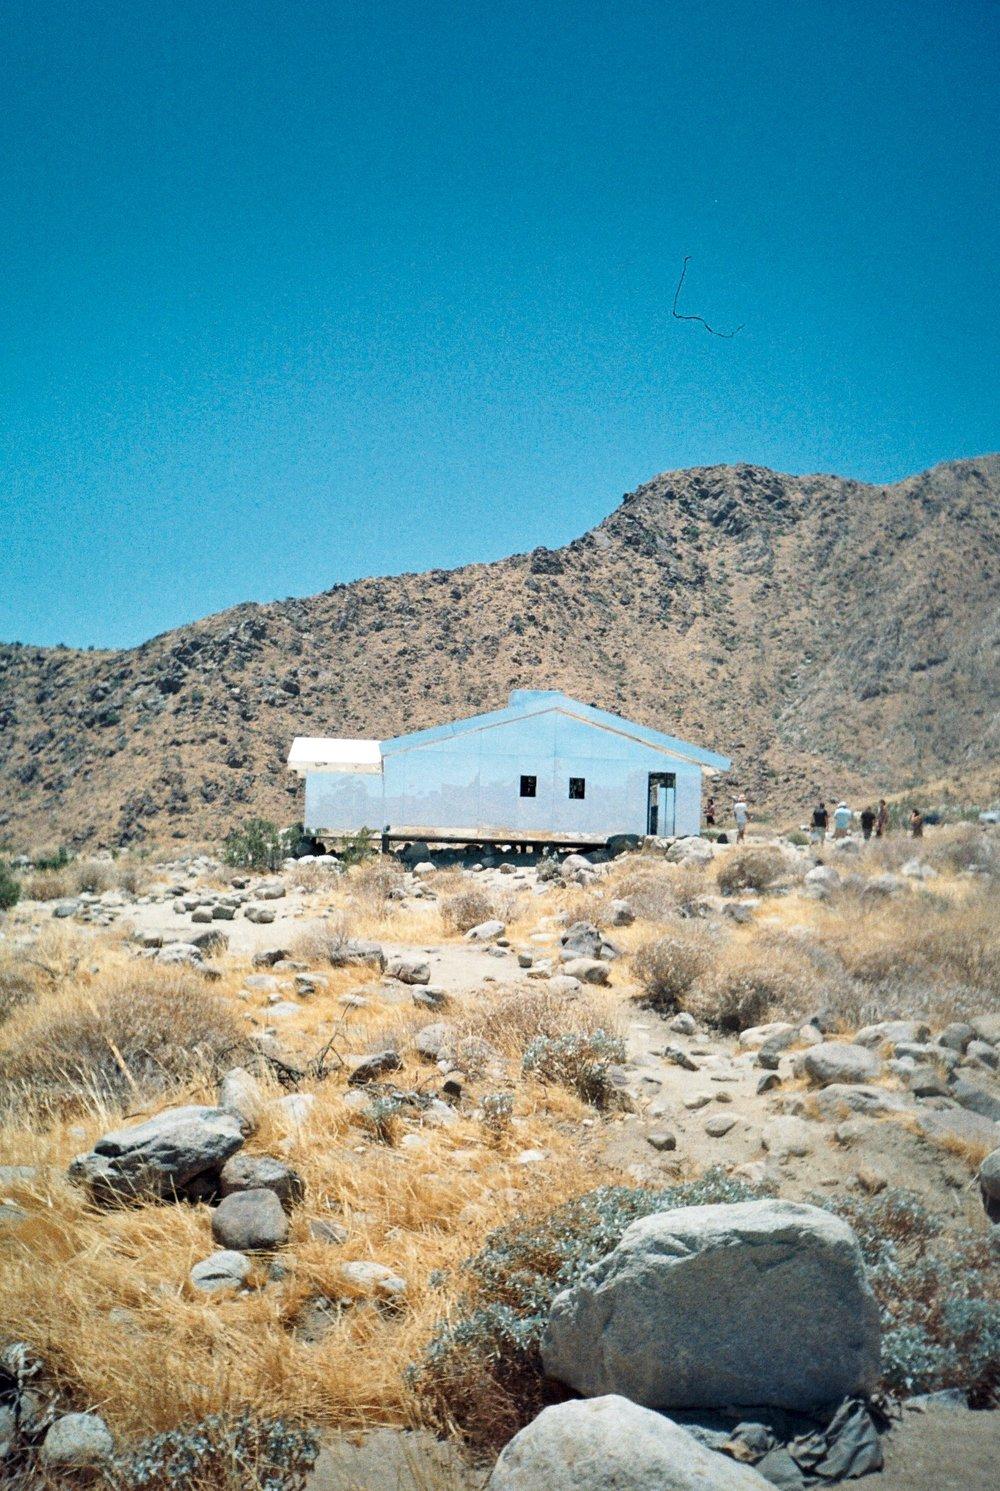 Doug Aitken's 'Mirage' in the Desert Palisades.